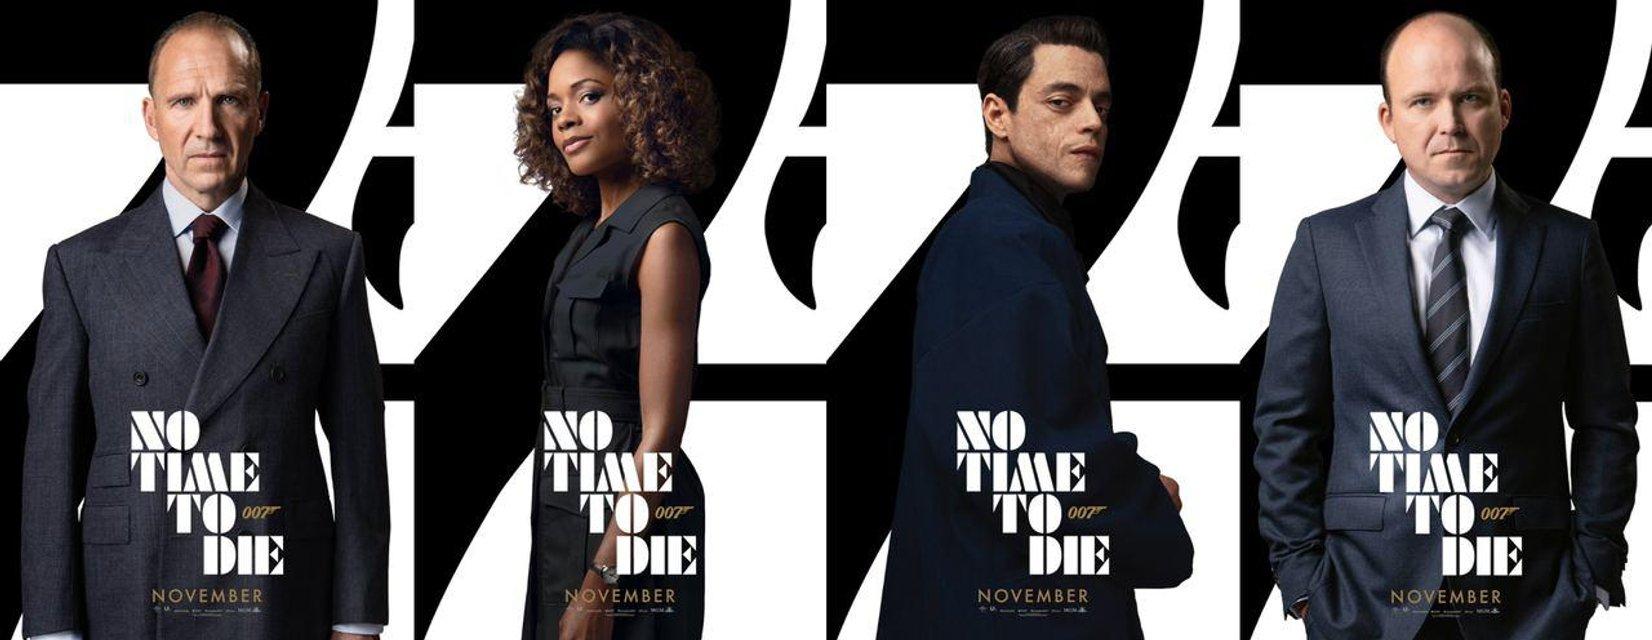 Не время умирать: Трейлер, дата выхода и актеры нового фильма про Джеймса Бонда - фото 205612